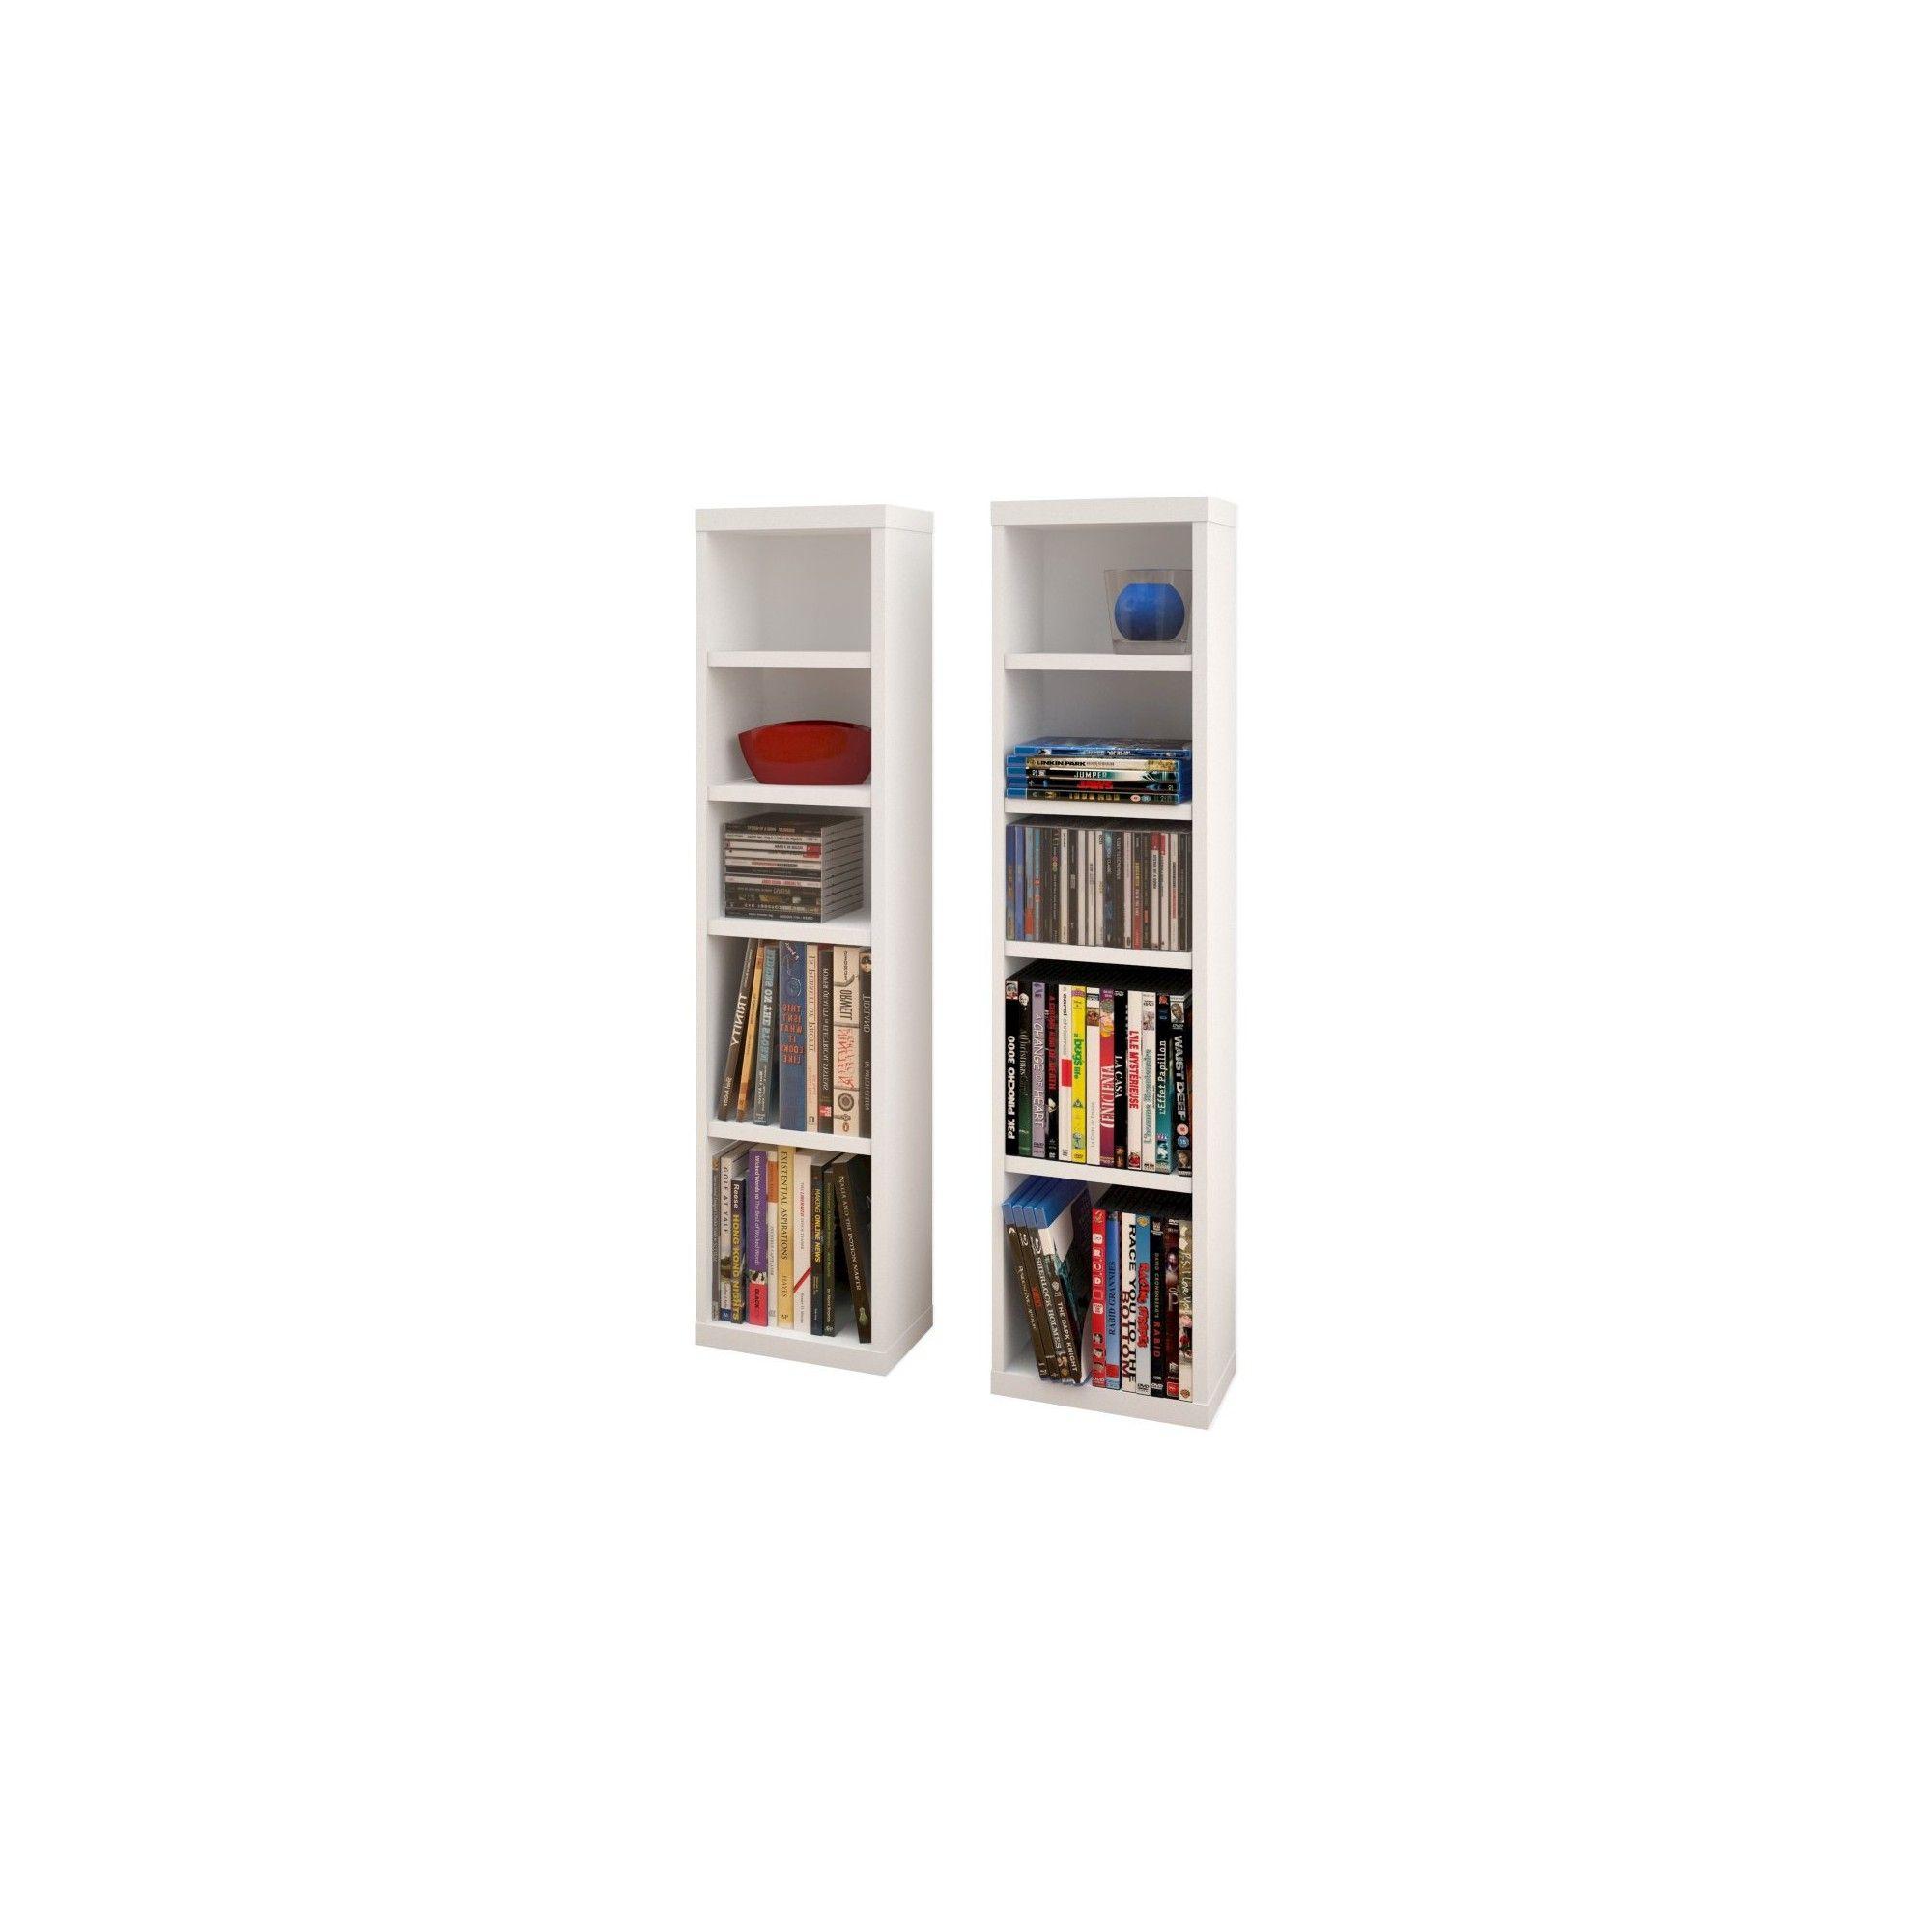 Liber T CD Dvd Storage Tower White and Walnut Set of 2 38 Nexera